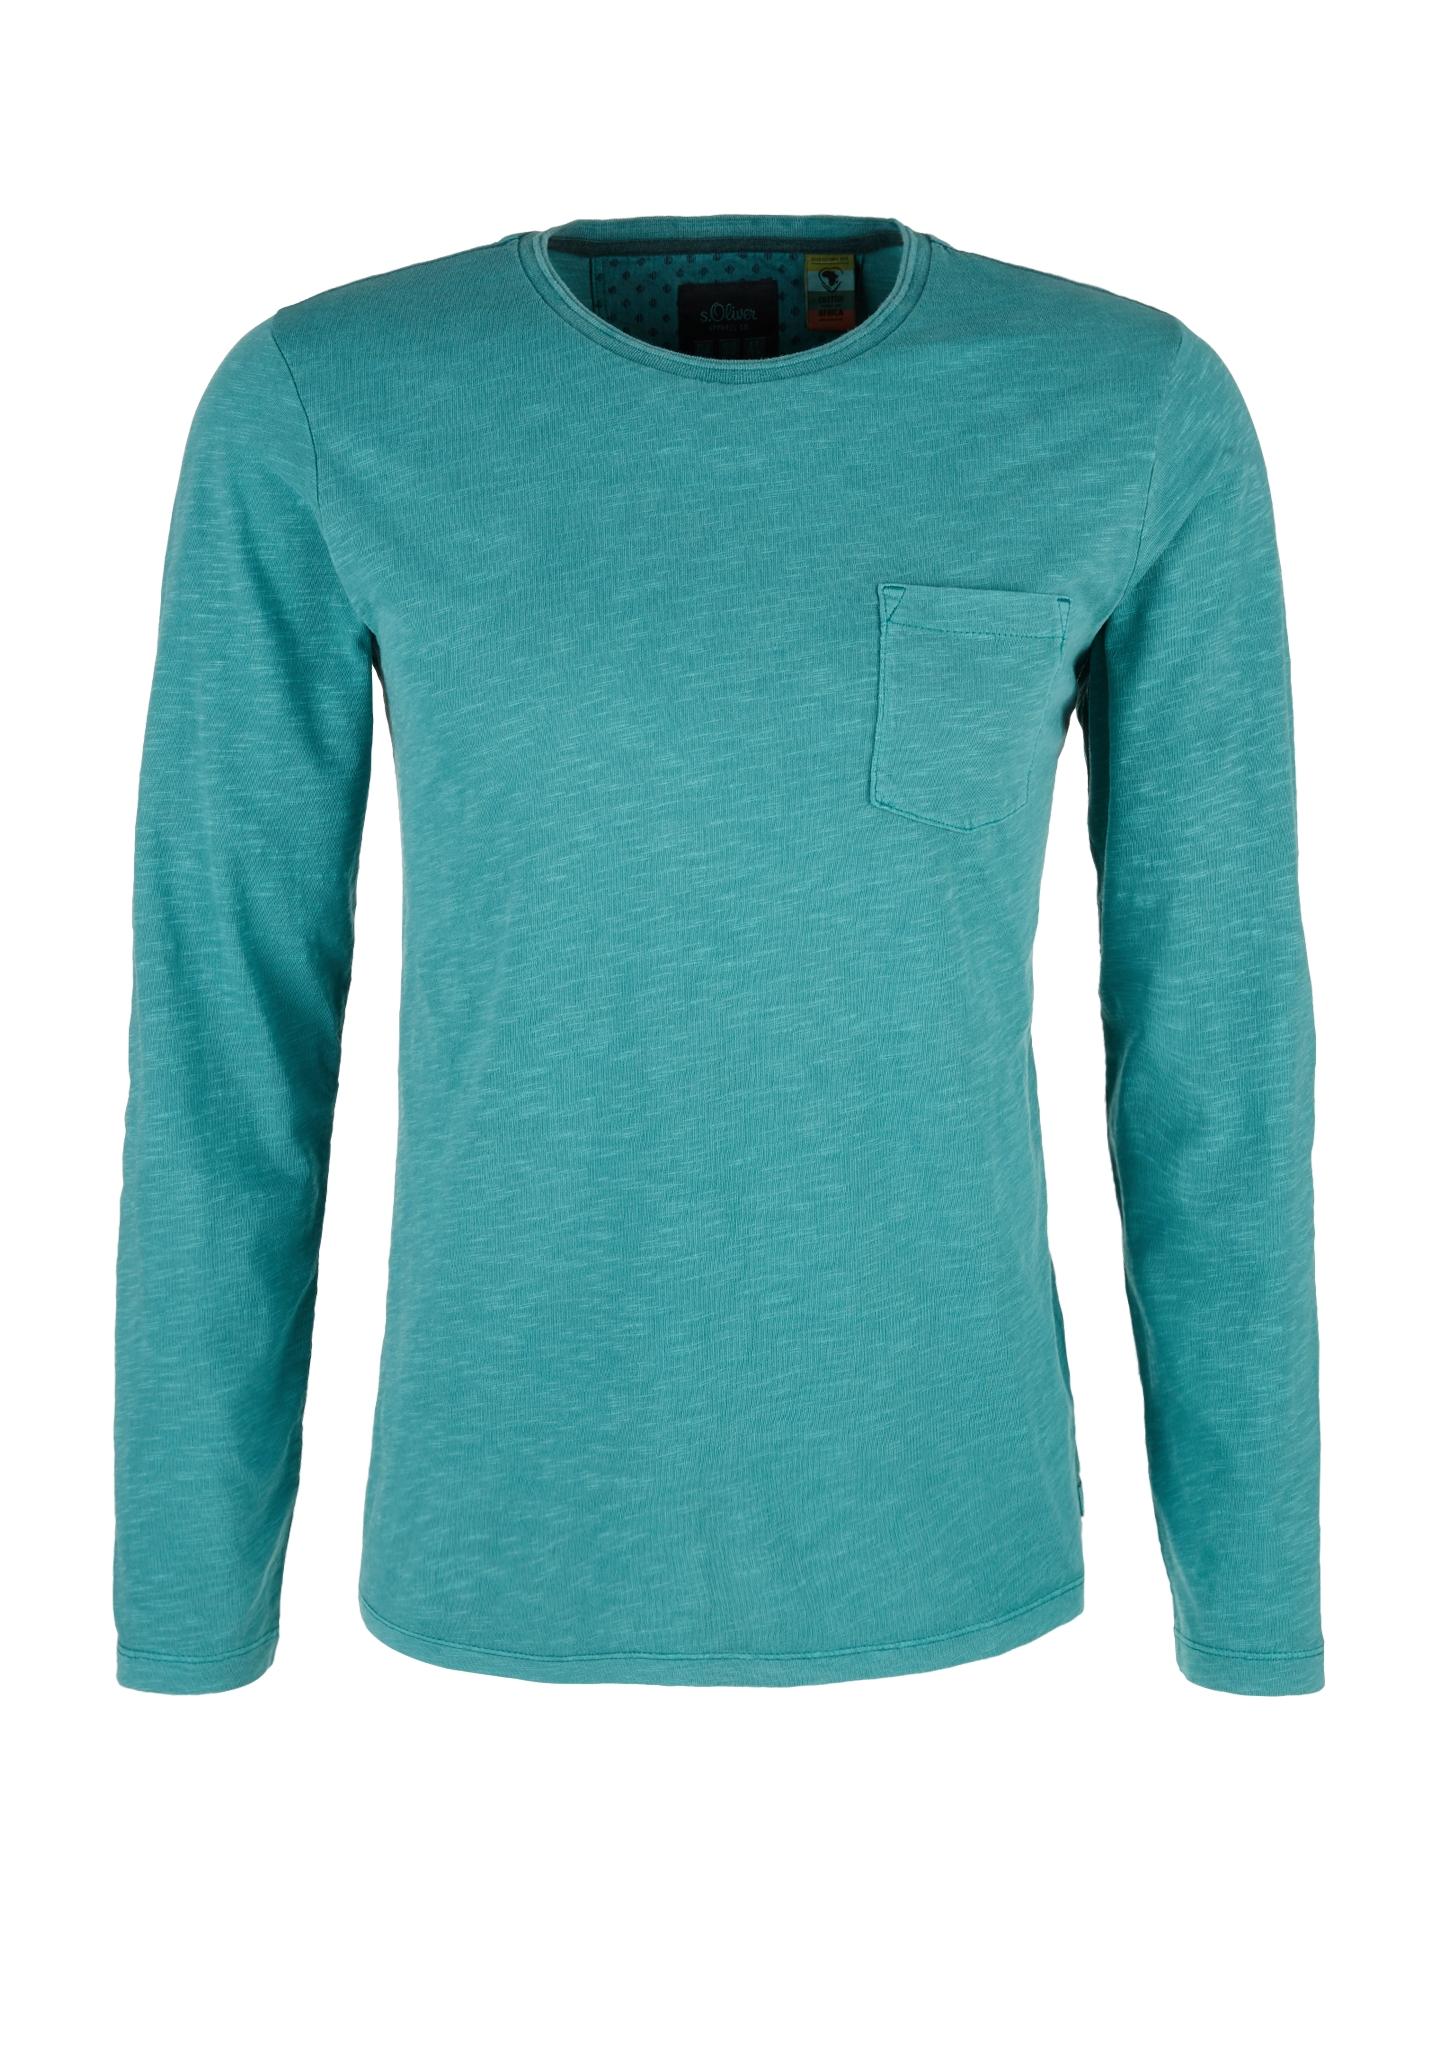 Langarmshirt | Bekleidung > Shirts > Langarm Shirts | Petrol | turquoise | 100% baumwolle | s.Oliver